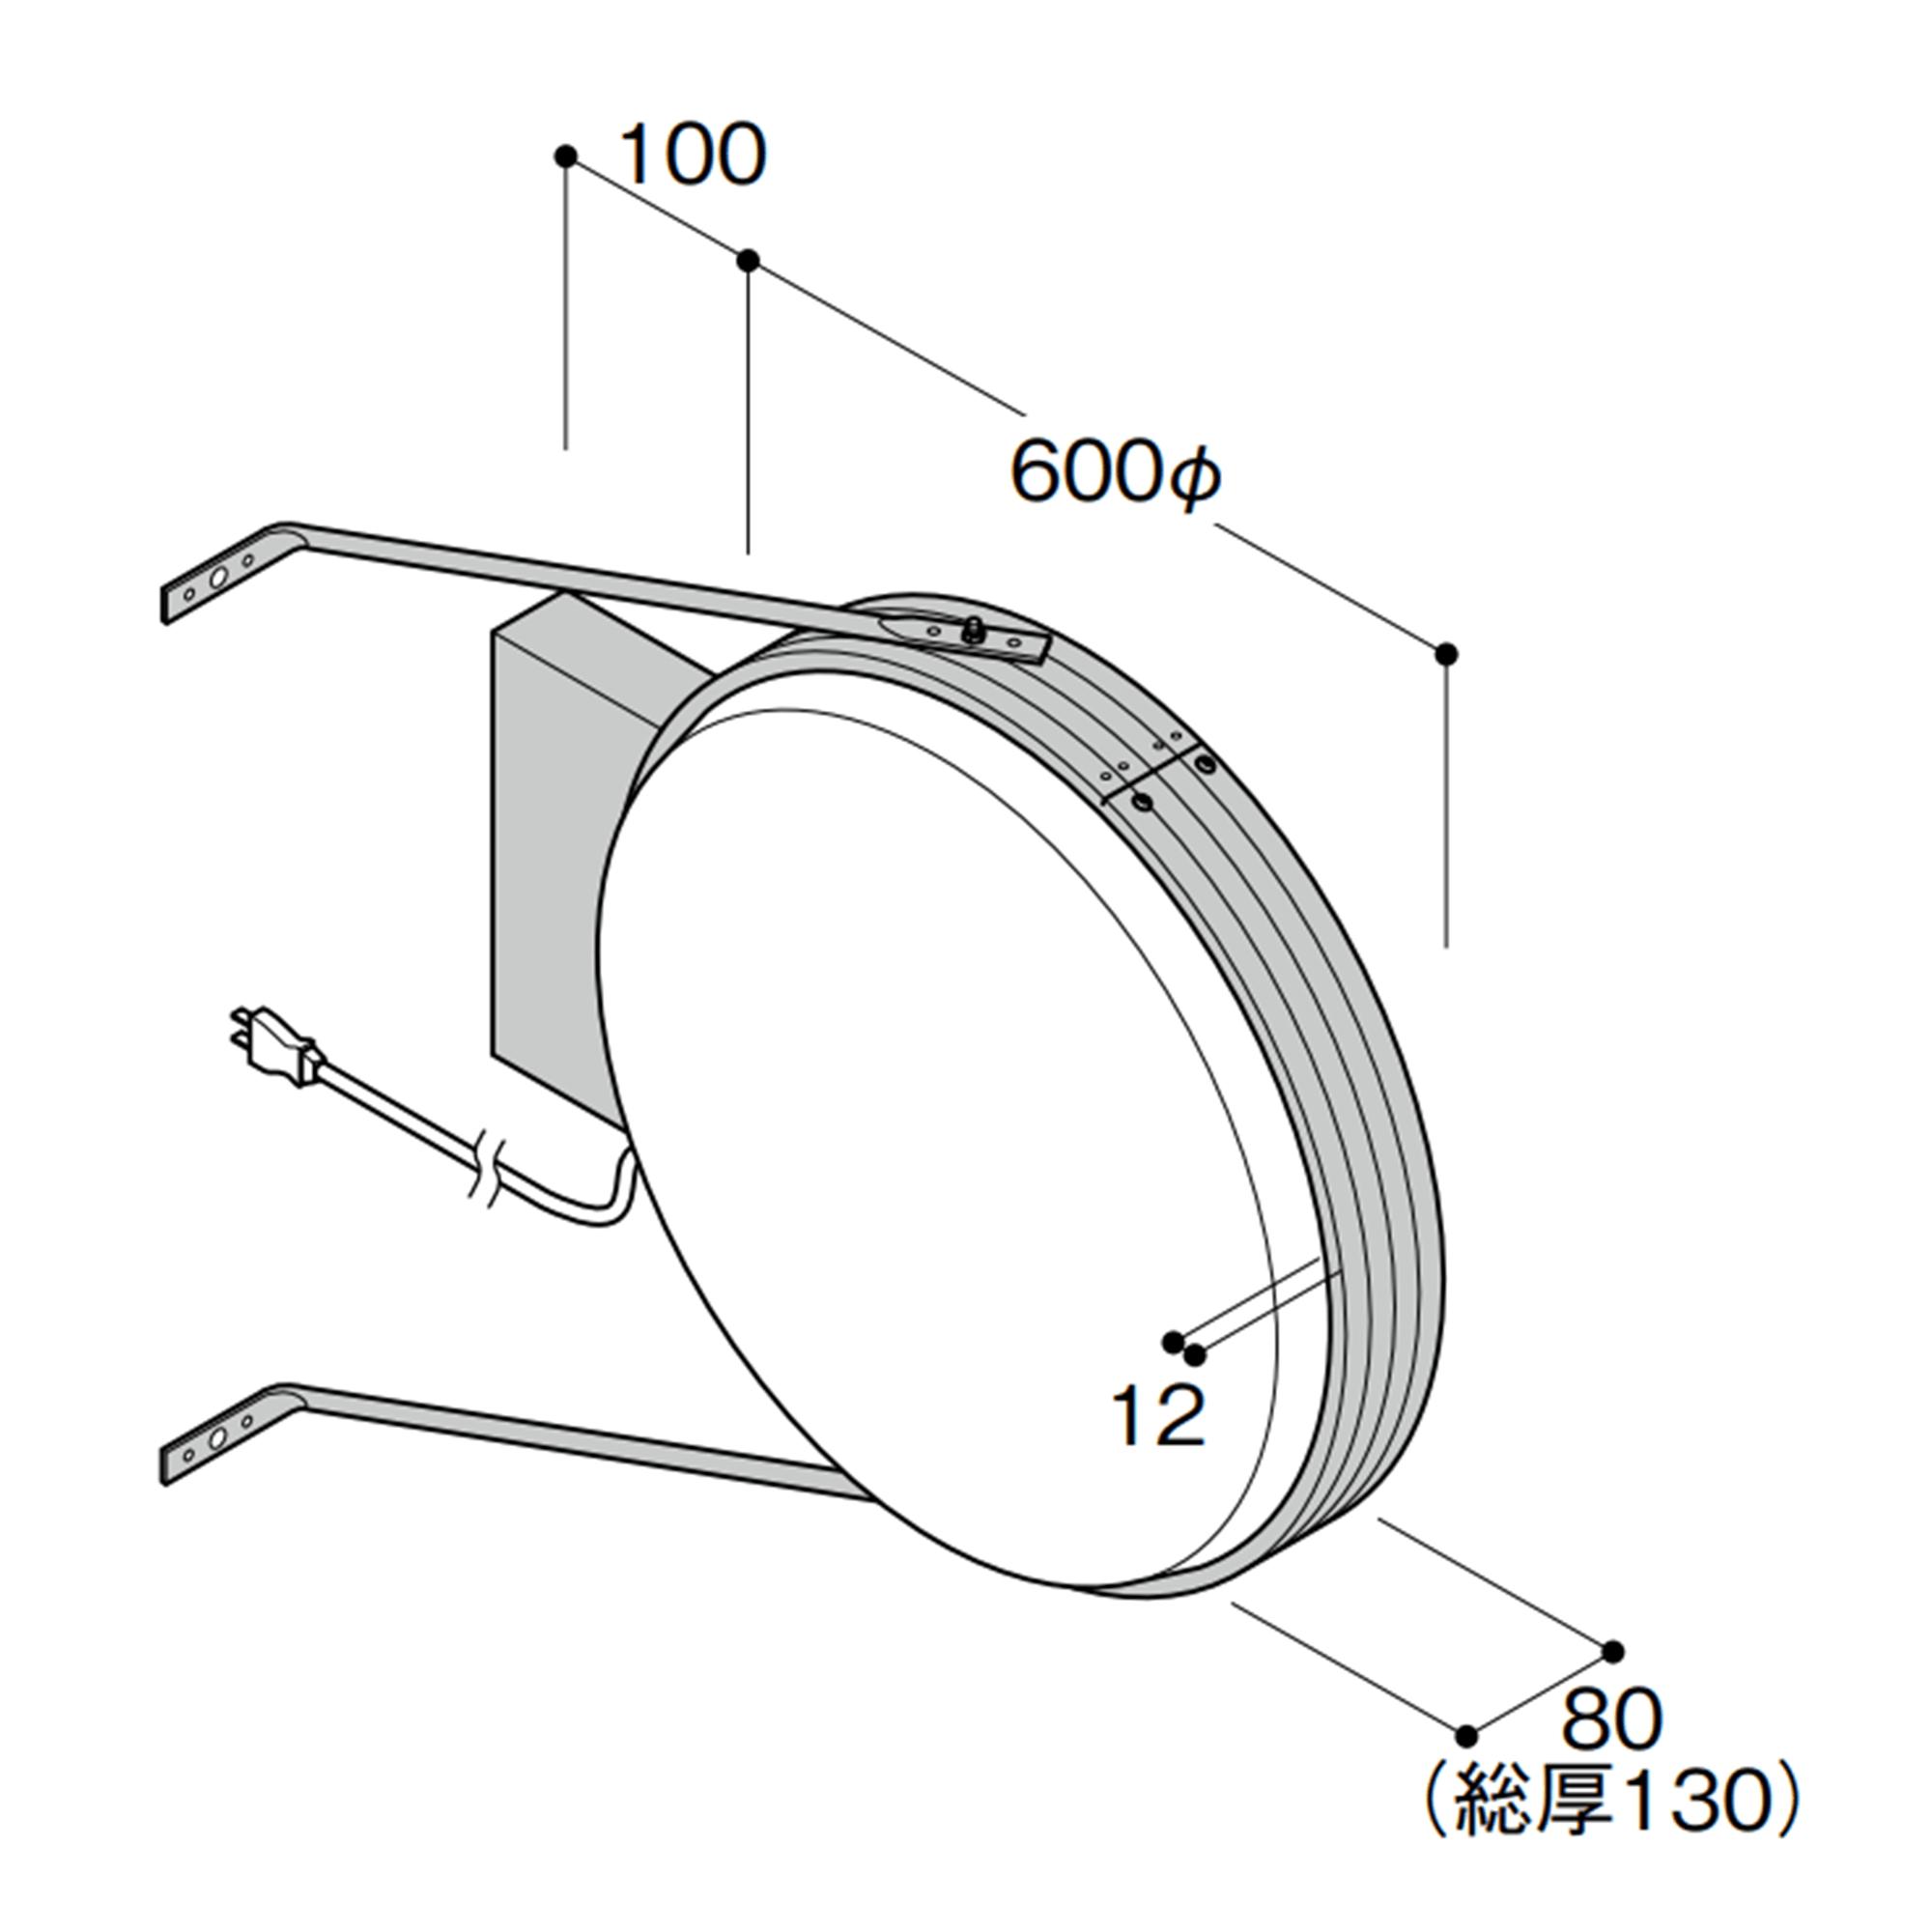 【構造図[立体]】【LED照明】アルミサイン小型「丸」突出し看板ADS-6008E-LED シルバー